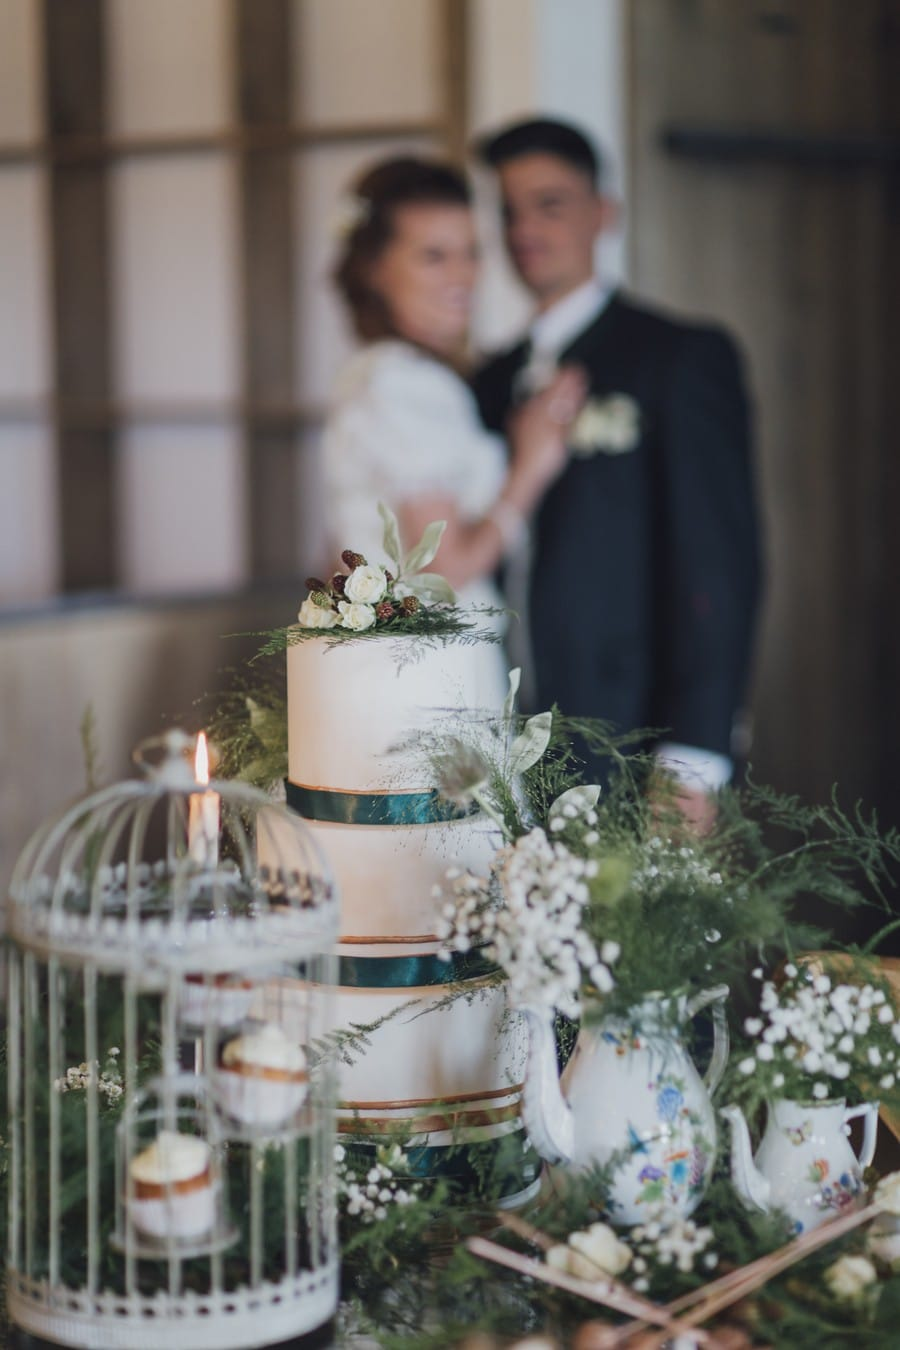 Ideen für eine Waldhochzeit mit viel Natur, Holz und Moos: Die klassische Hochzeitstorte mit dunkelgrünen Satinbändern